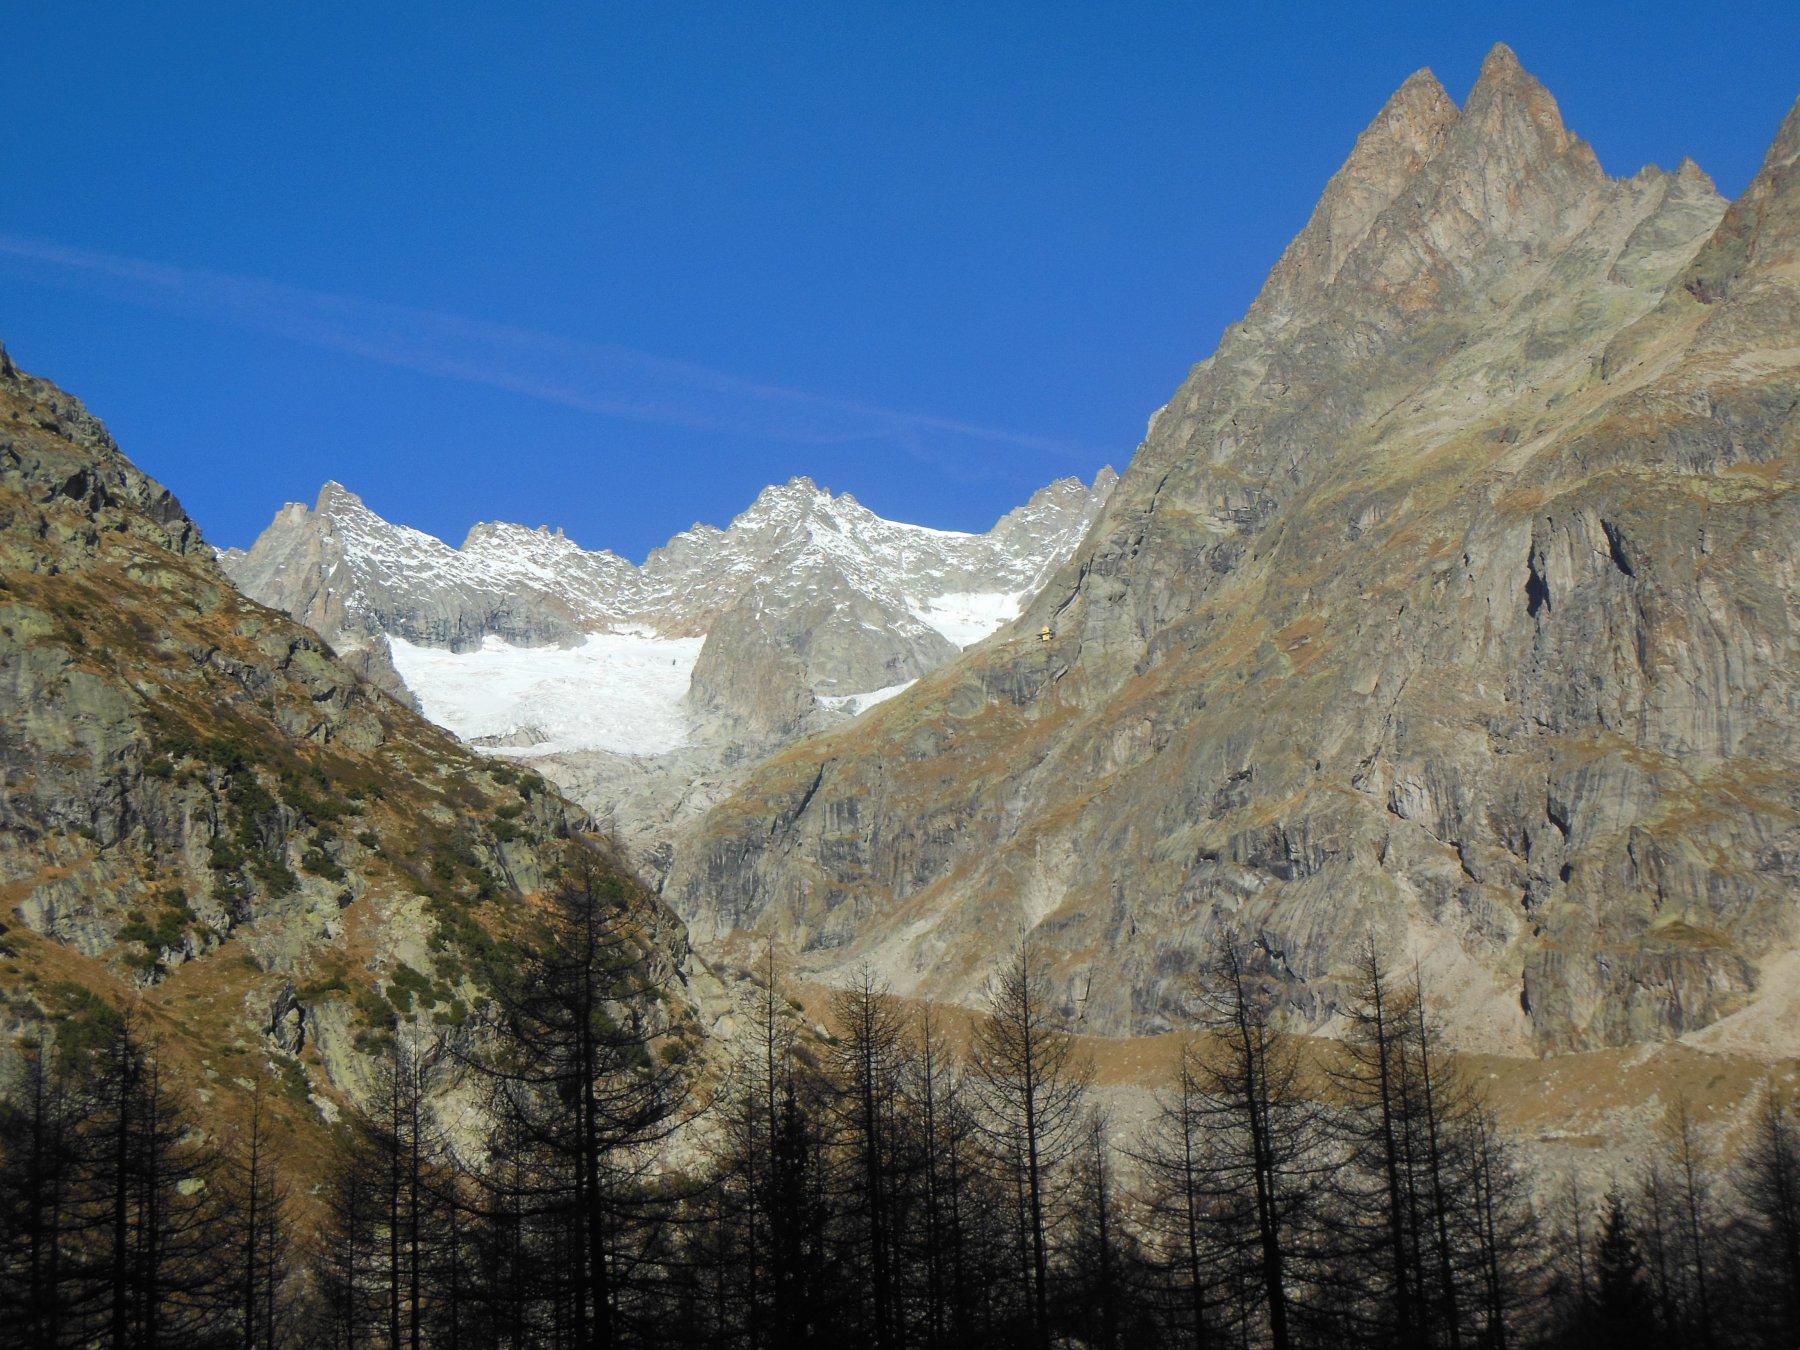 Morena, ghiacciaio del Triolet e rifugio